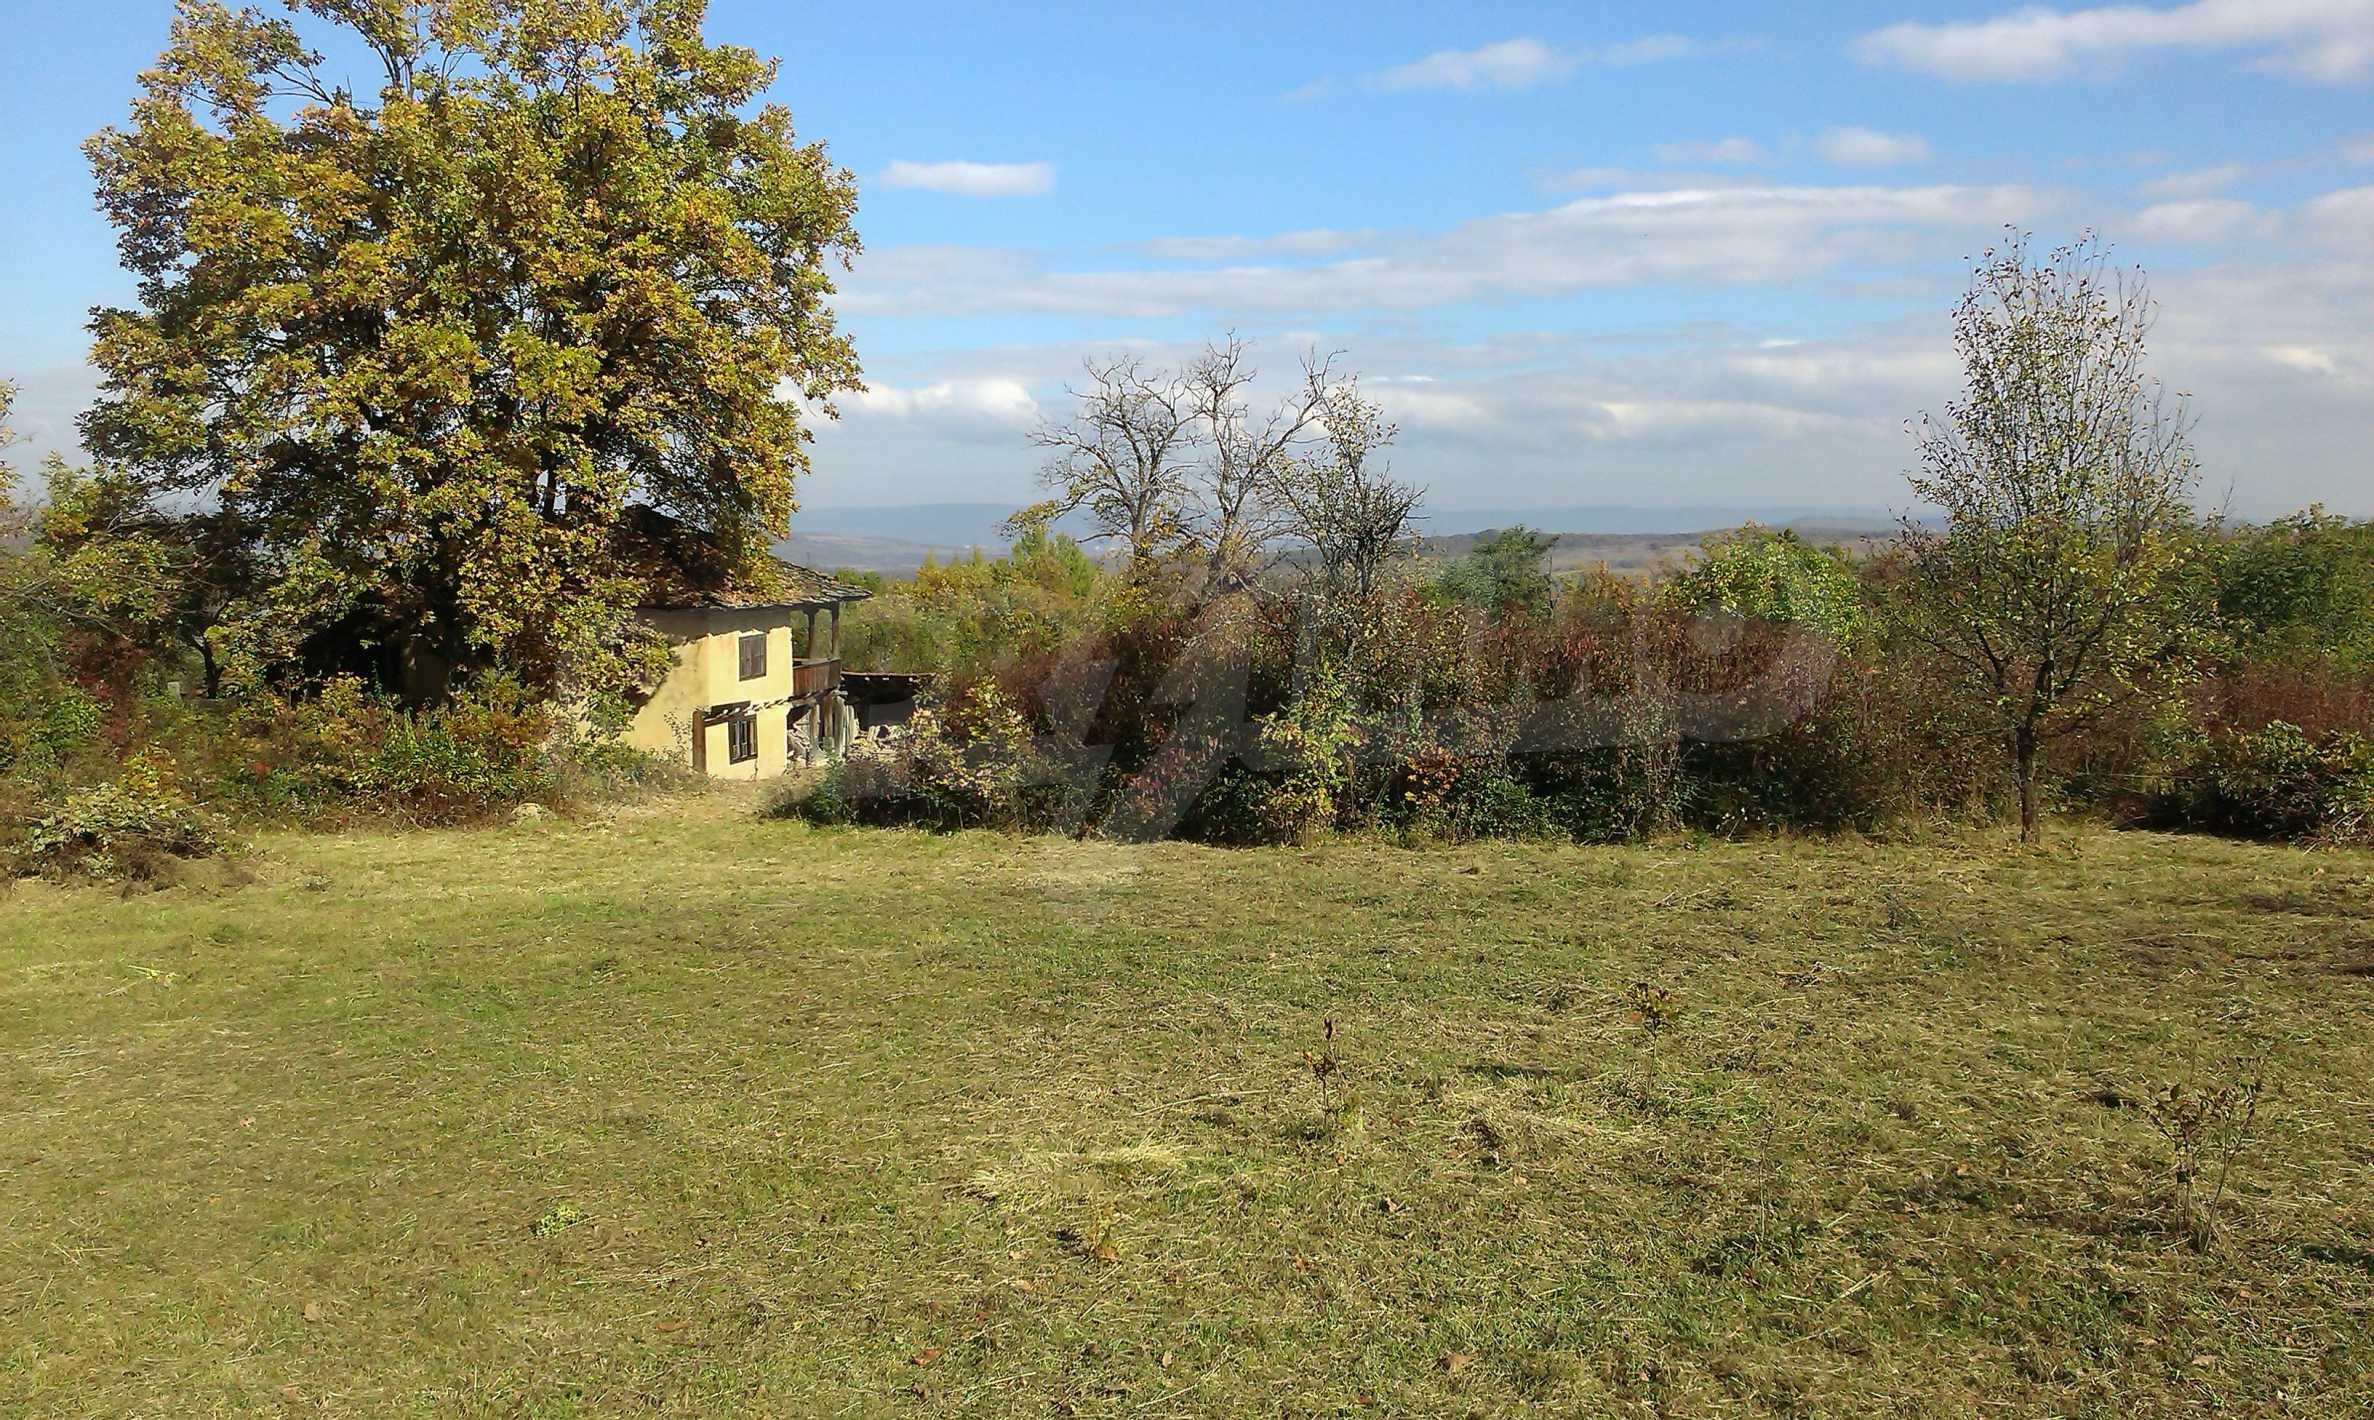 Двуетажна къща в красиво планинско село, до езеро 11